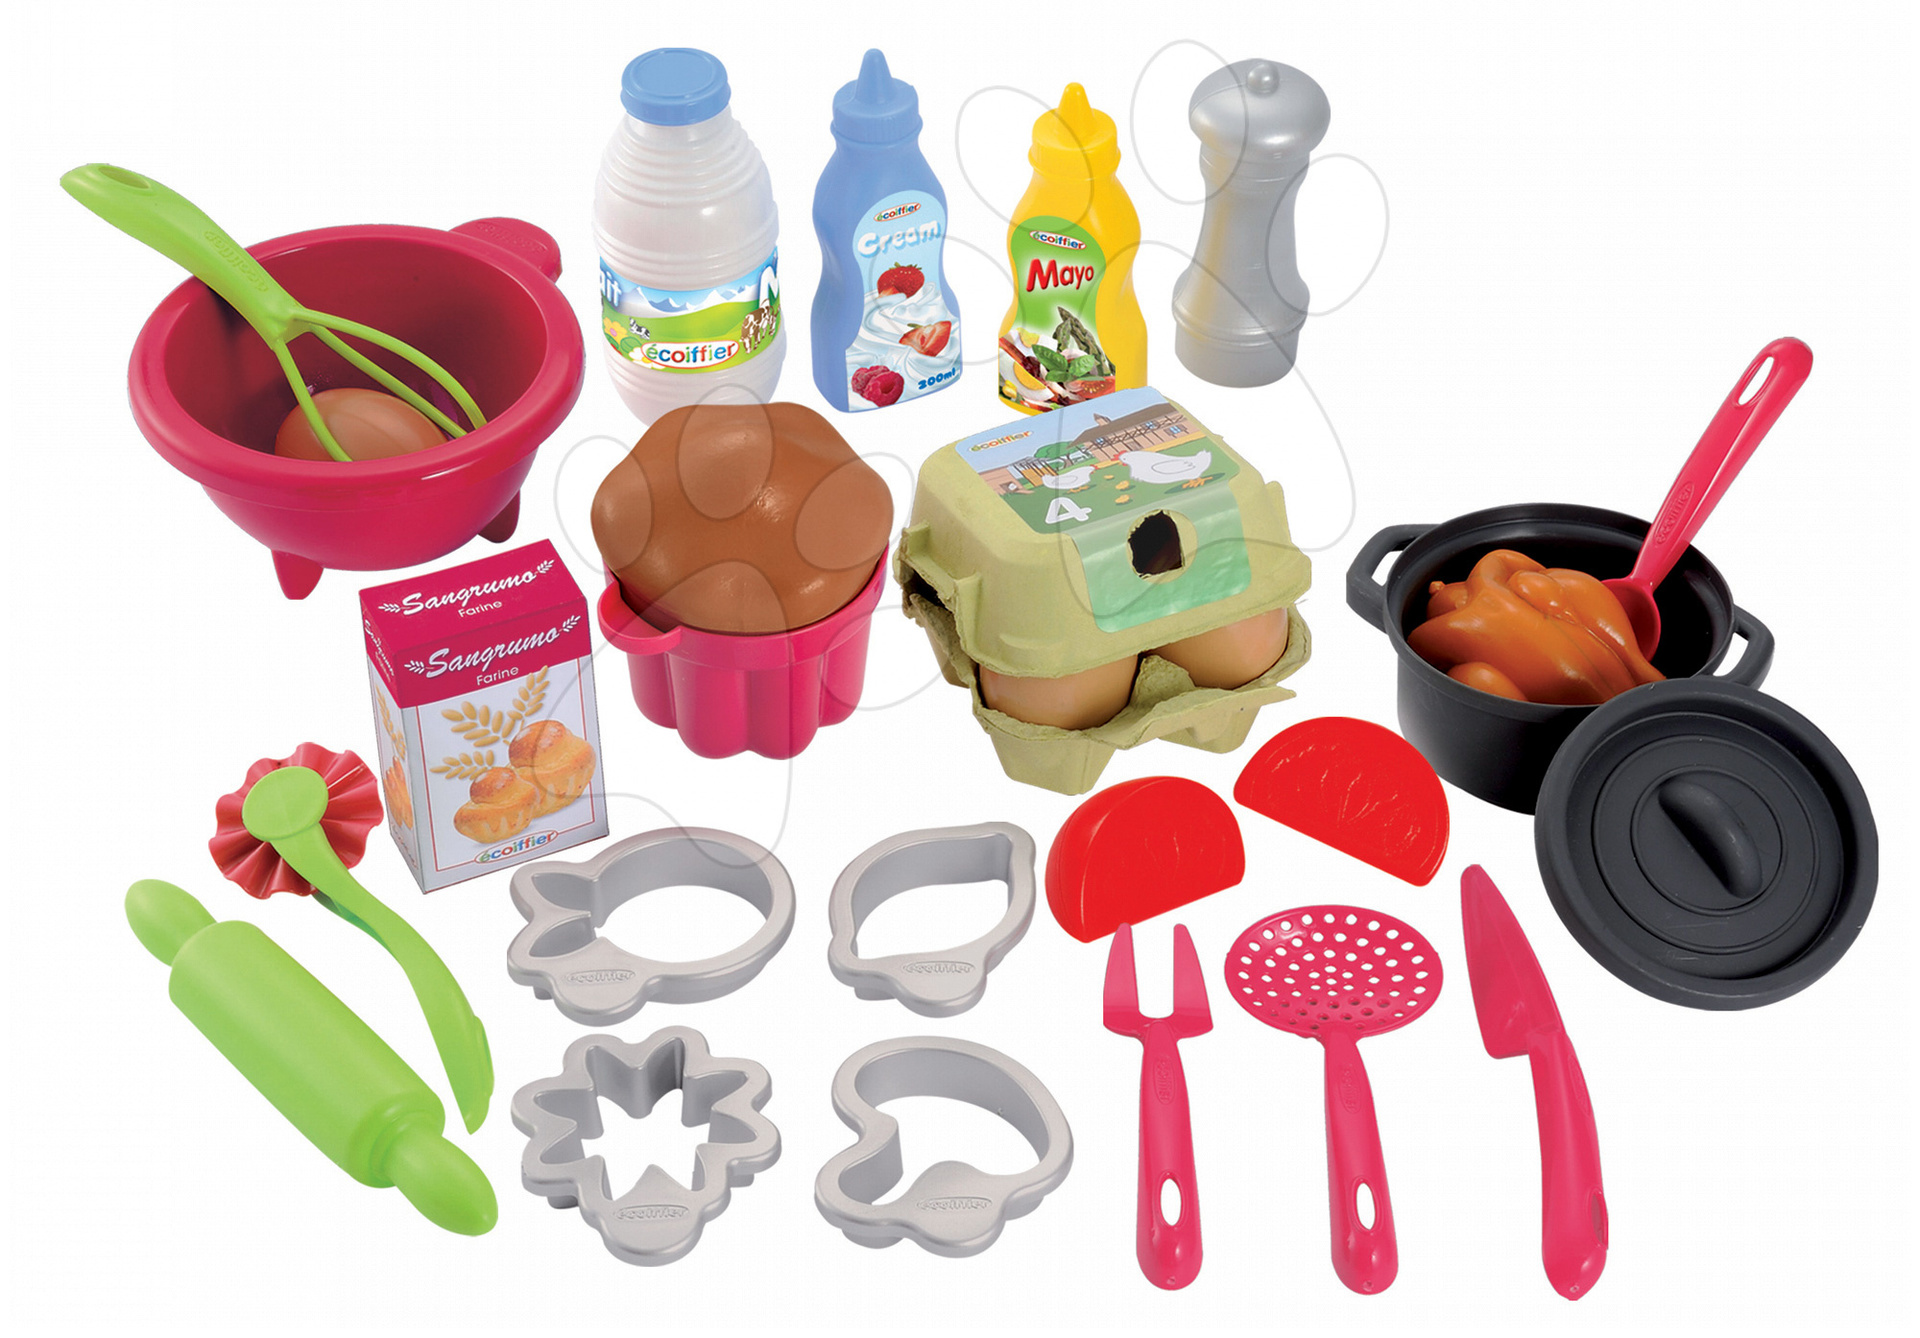 Kuchynský set Pro Cook Écoiffier na varenie a pečenie s 26 doplnkami